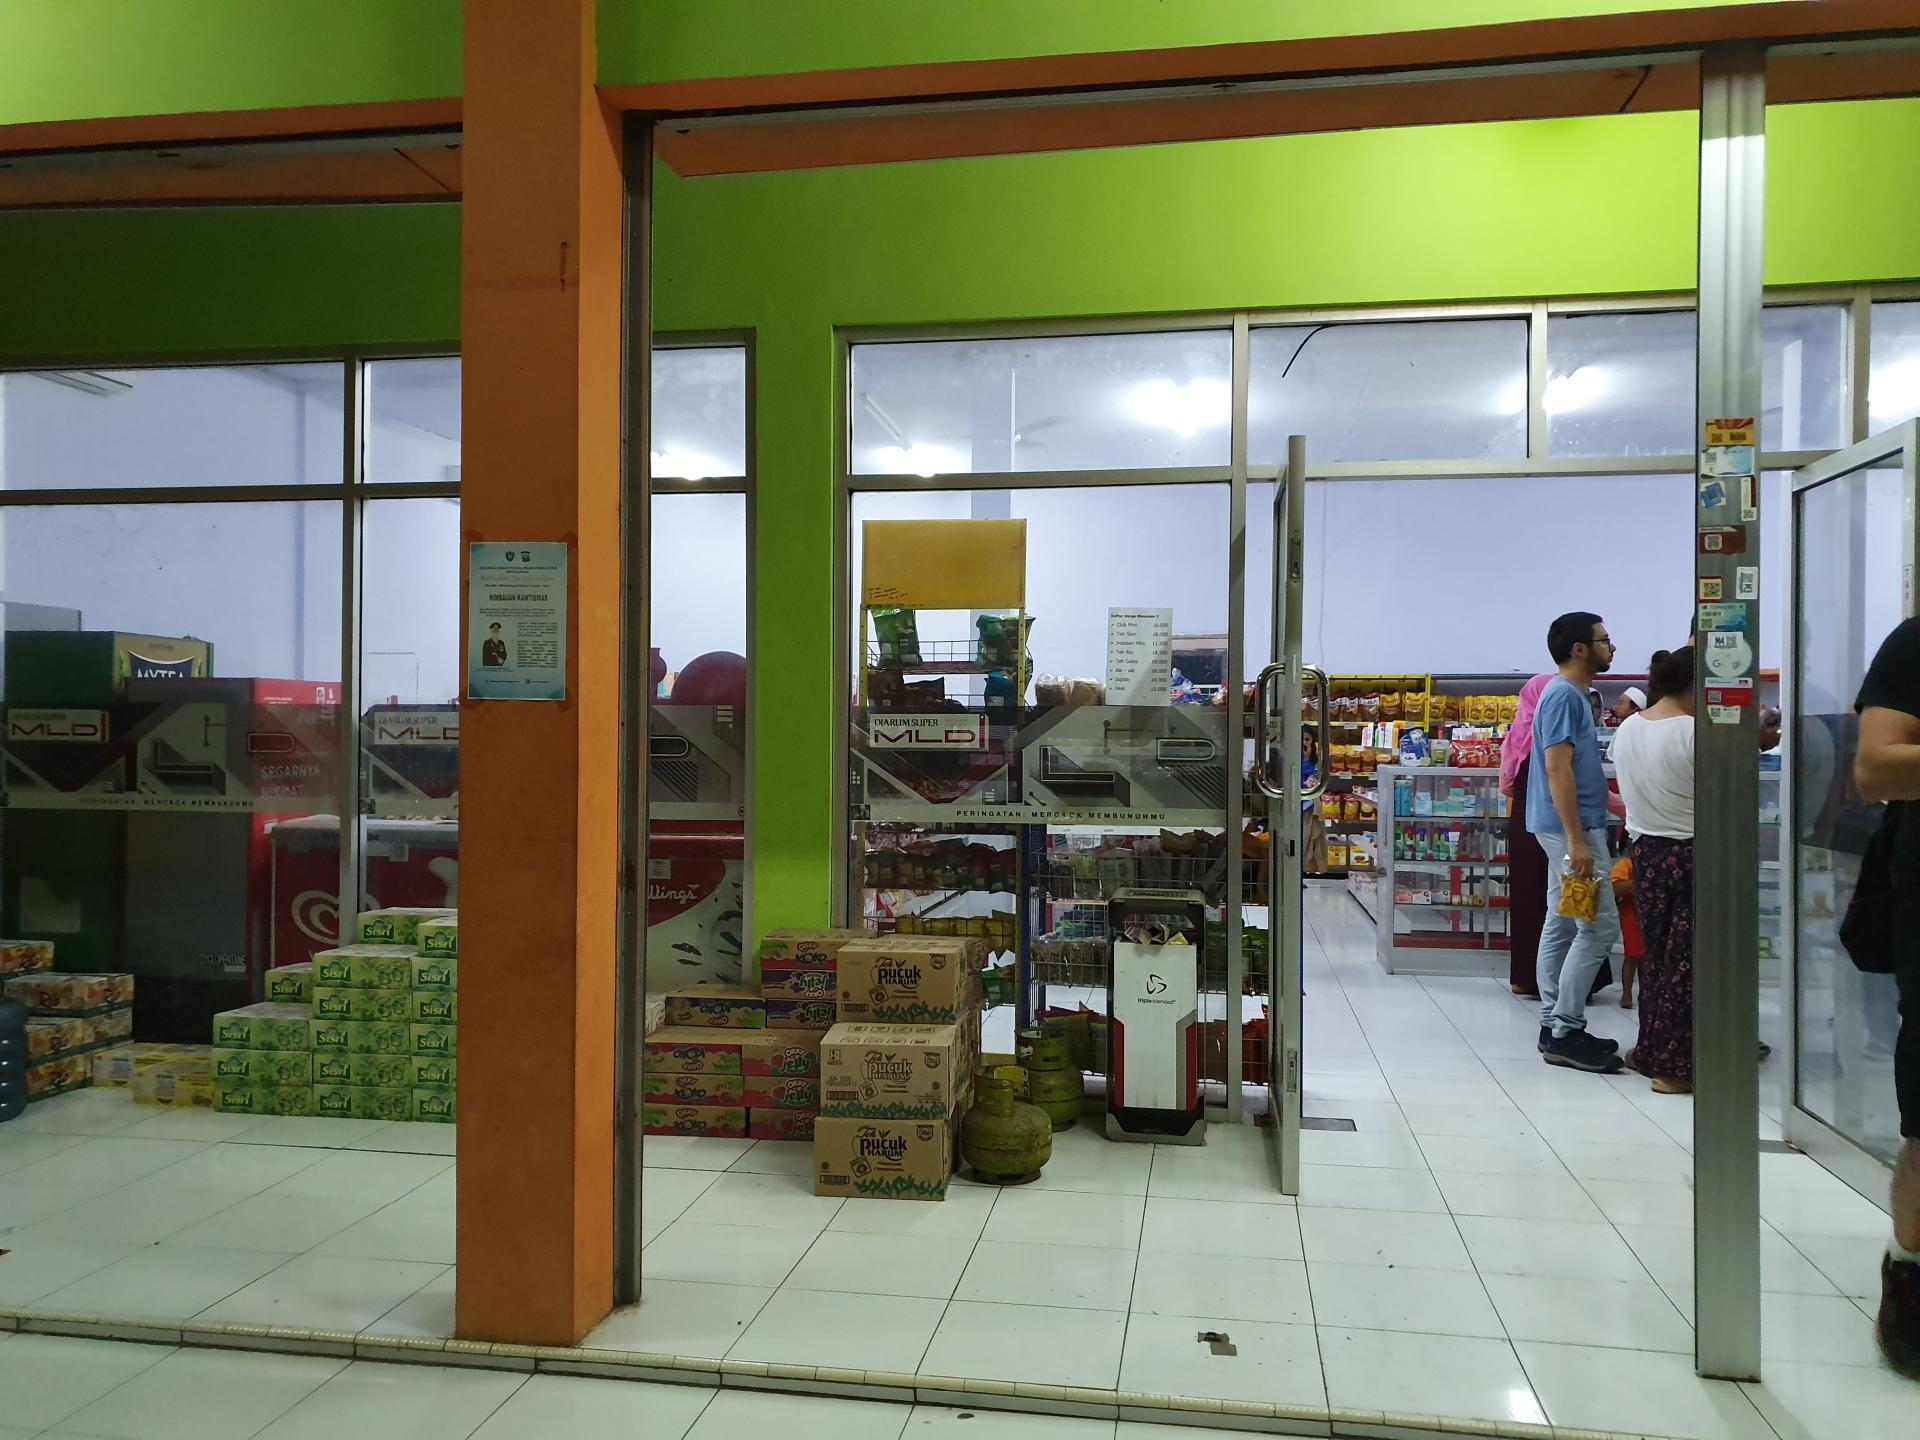 продуктовый магазин в Индонезии